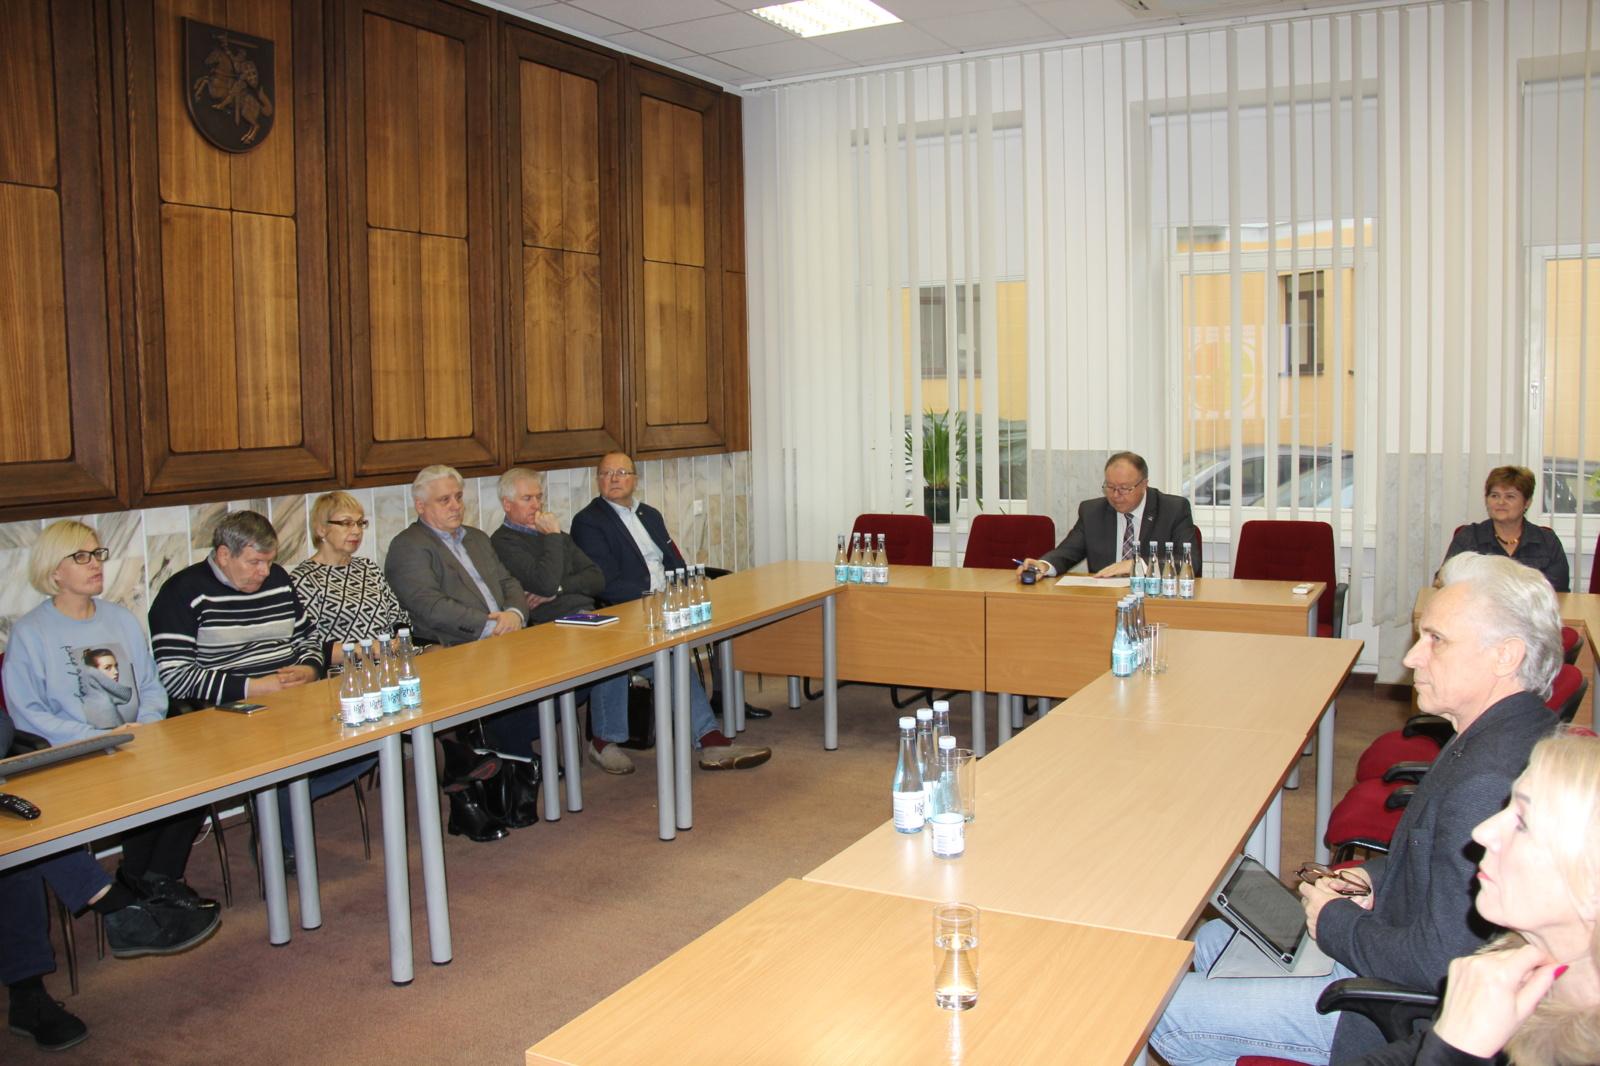 Tarybos darbotvarkė apsvarstyta visuose komitetuose